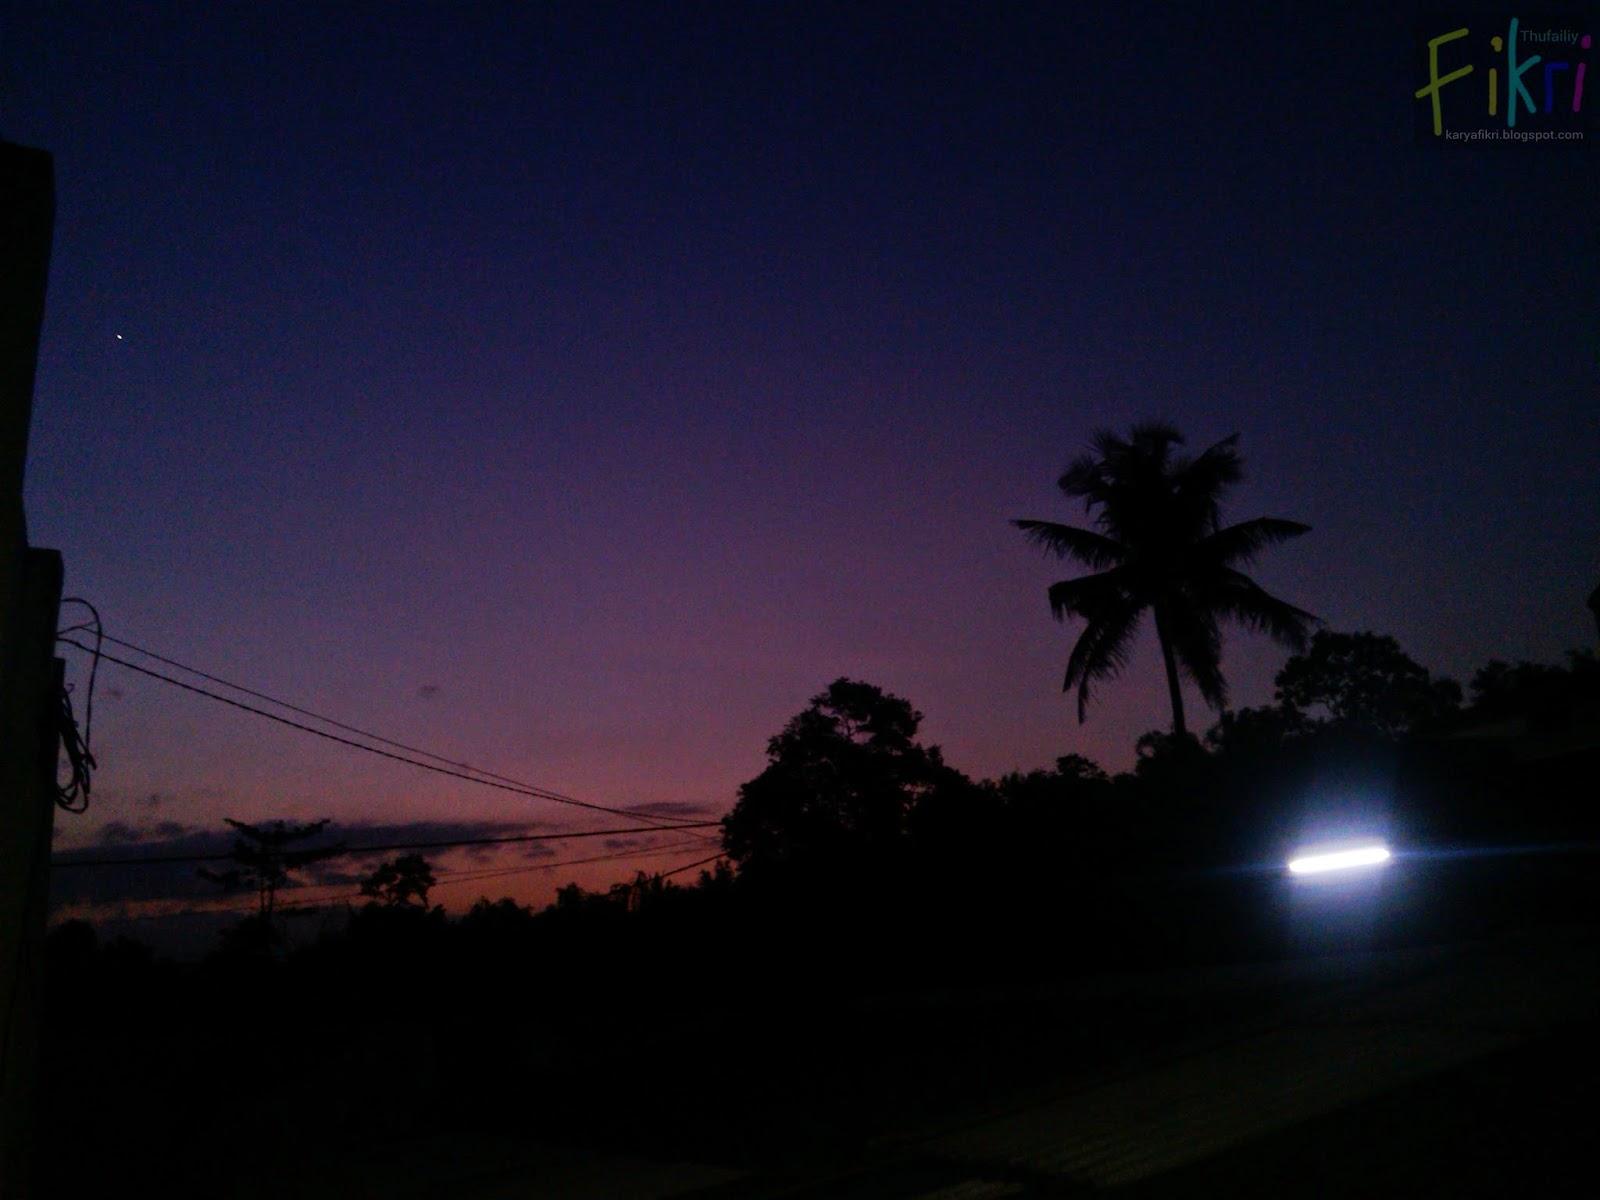 Review hasil jepretan Huawei Ascend G600 (foto langit saat matahari terbenam) - oleh karyafikri.blogspot.com + flash